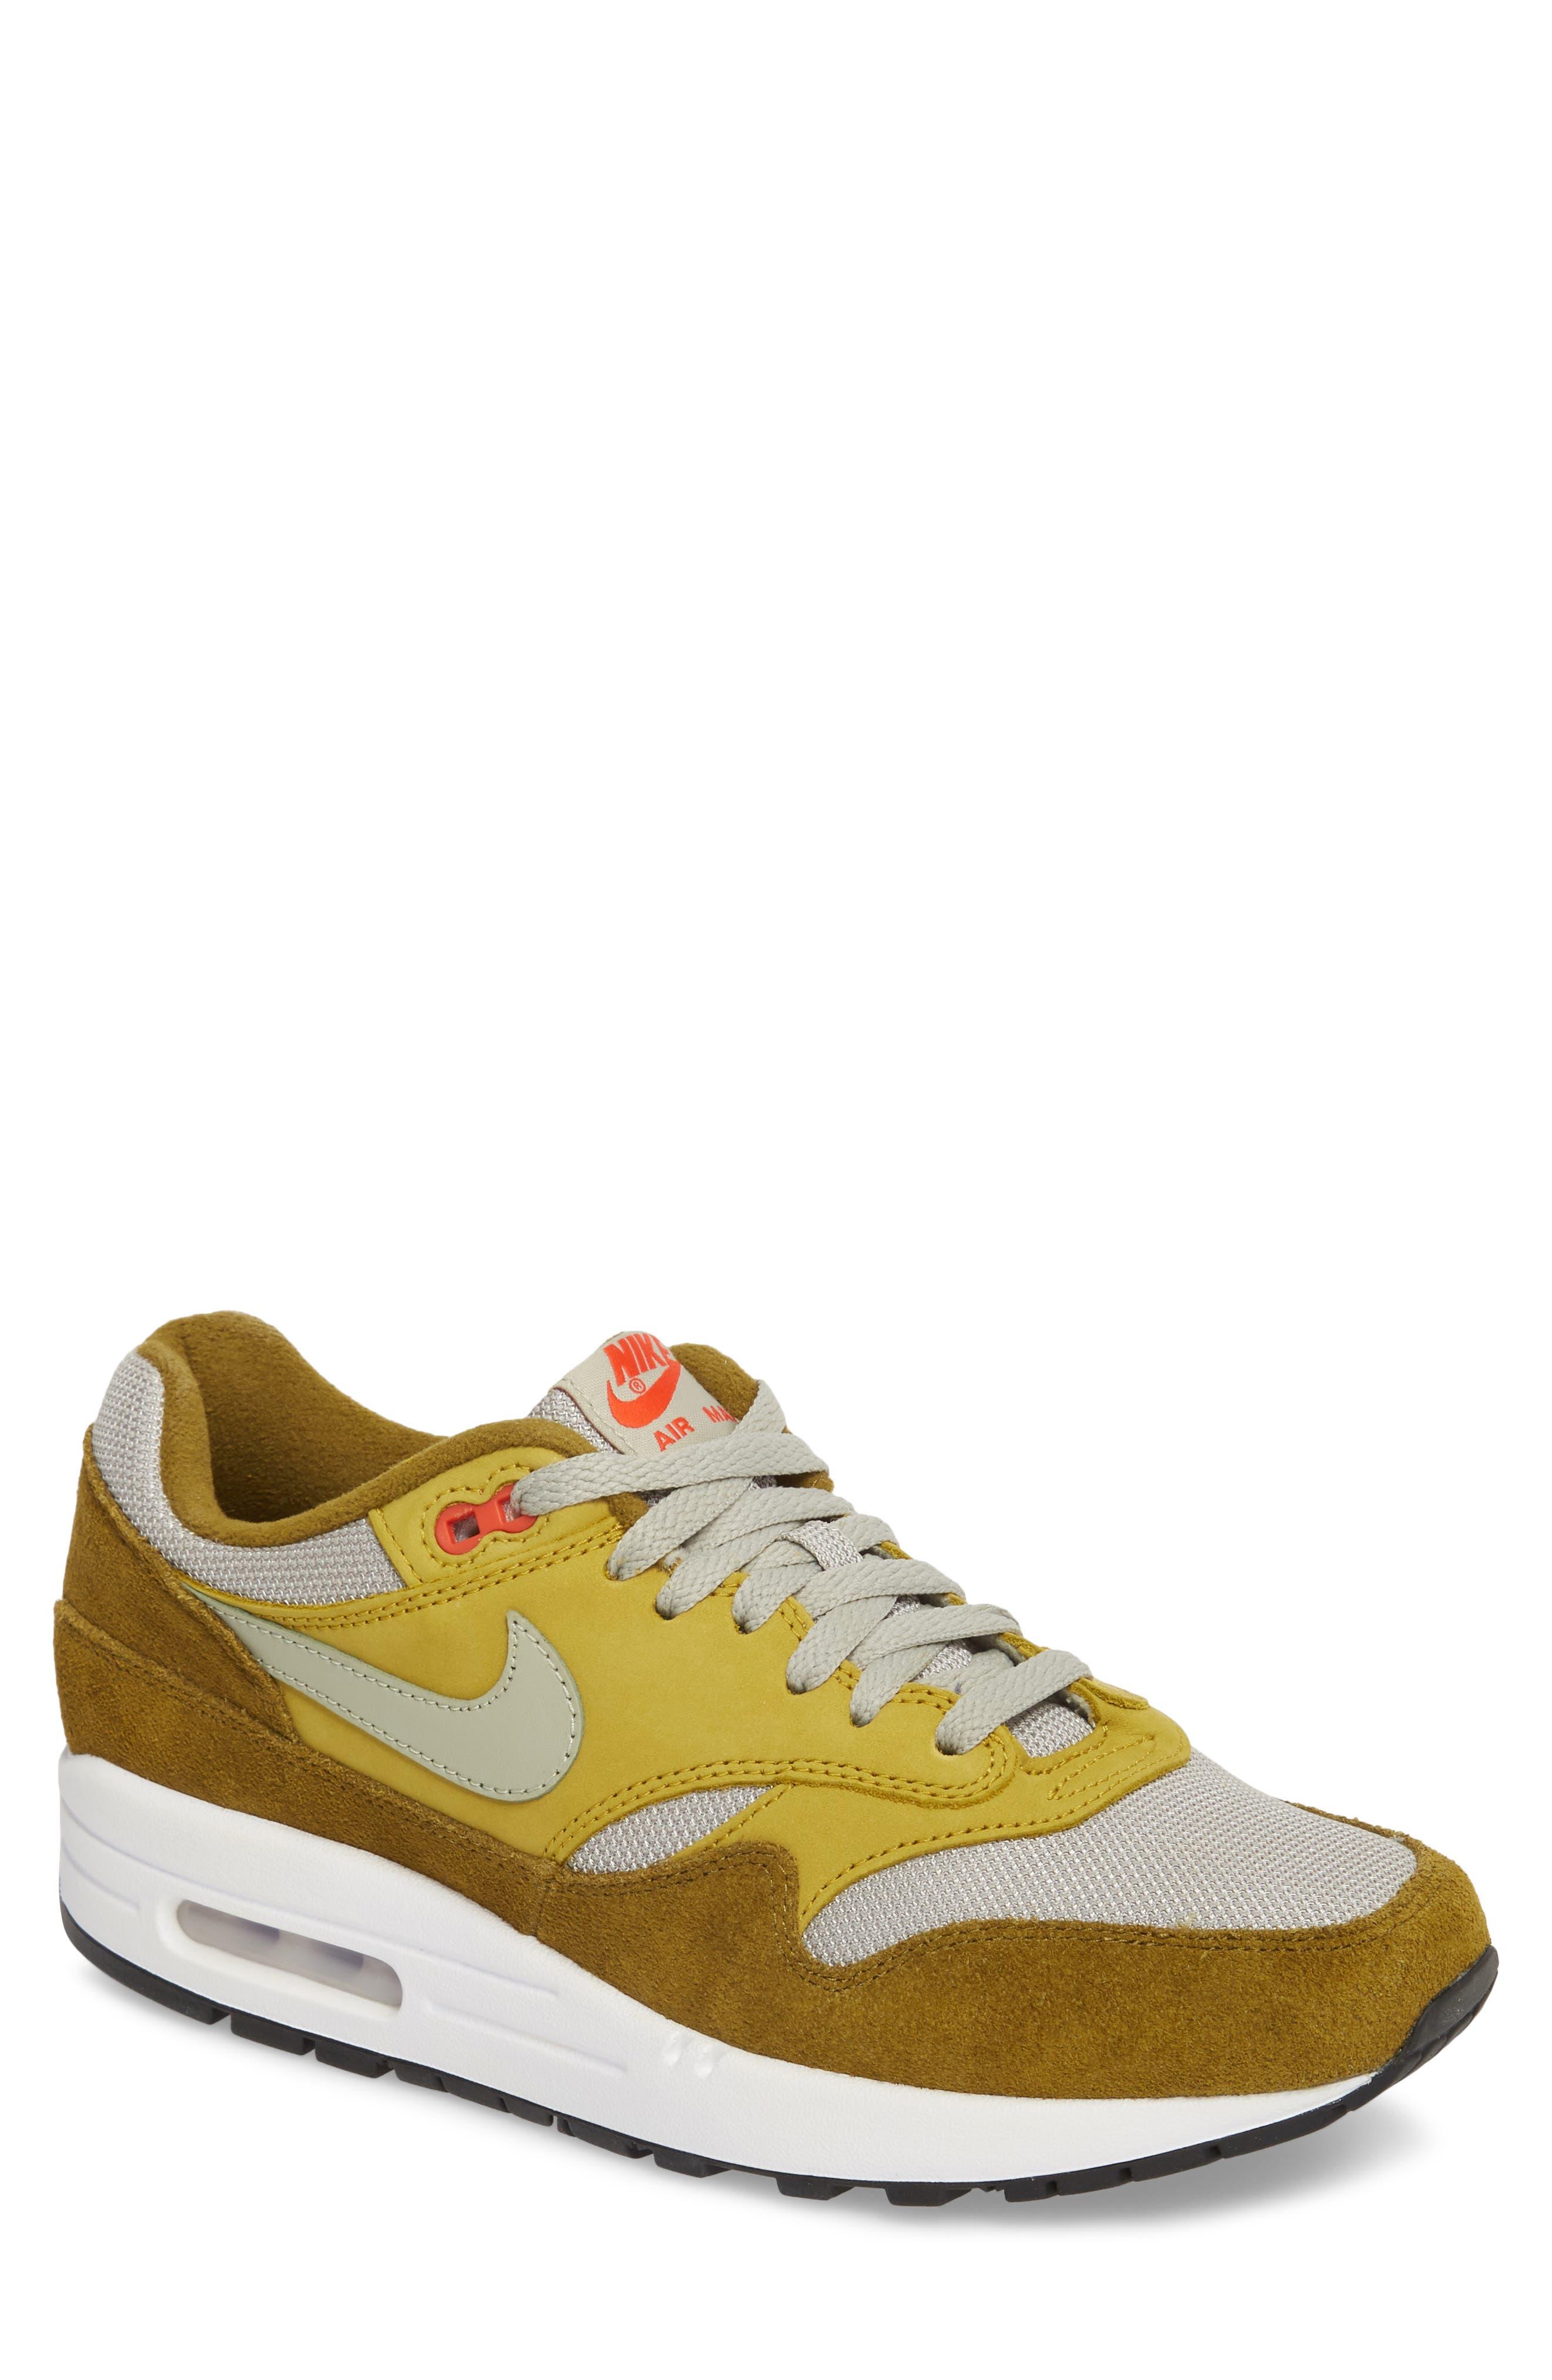 Air Max 1 Premium Retro Sneaker,                             Main thumbnail 1, color,                             300